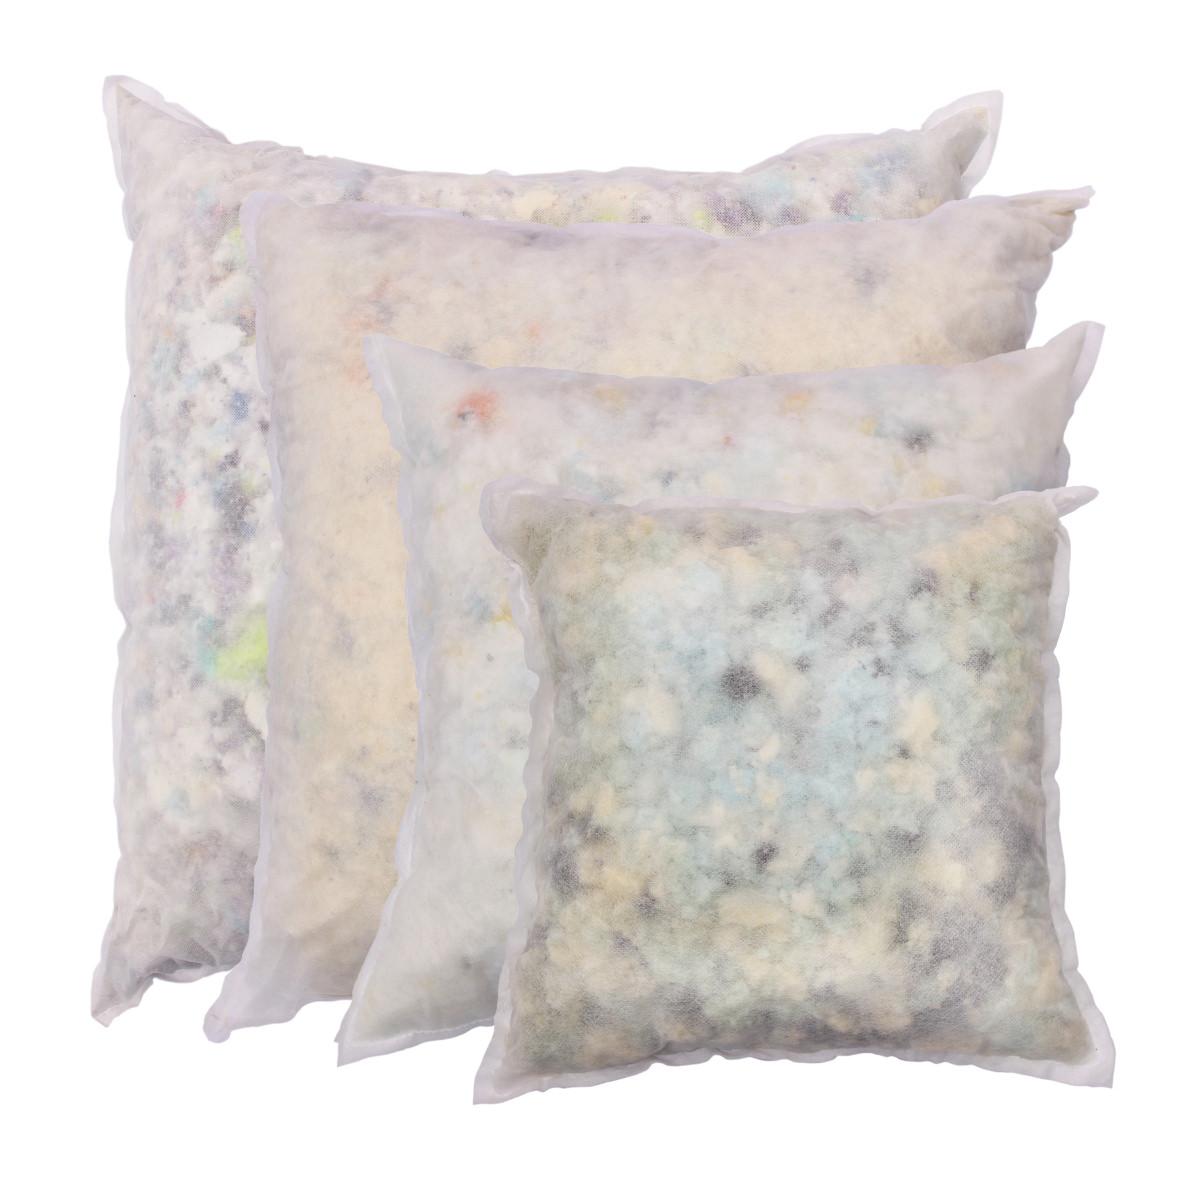 - Kissenfüllung Deko Couch Sofakissen Schaumstoff Flocken quadratisch in 4 Größen - Kissenfüllung Deko Couch Sofakissen Schaumstoff Flocken quadratisch in 4 Größen